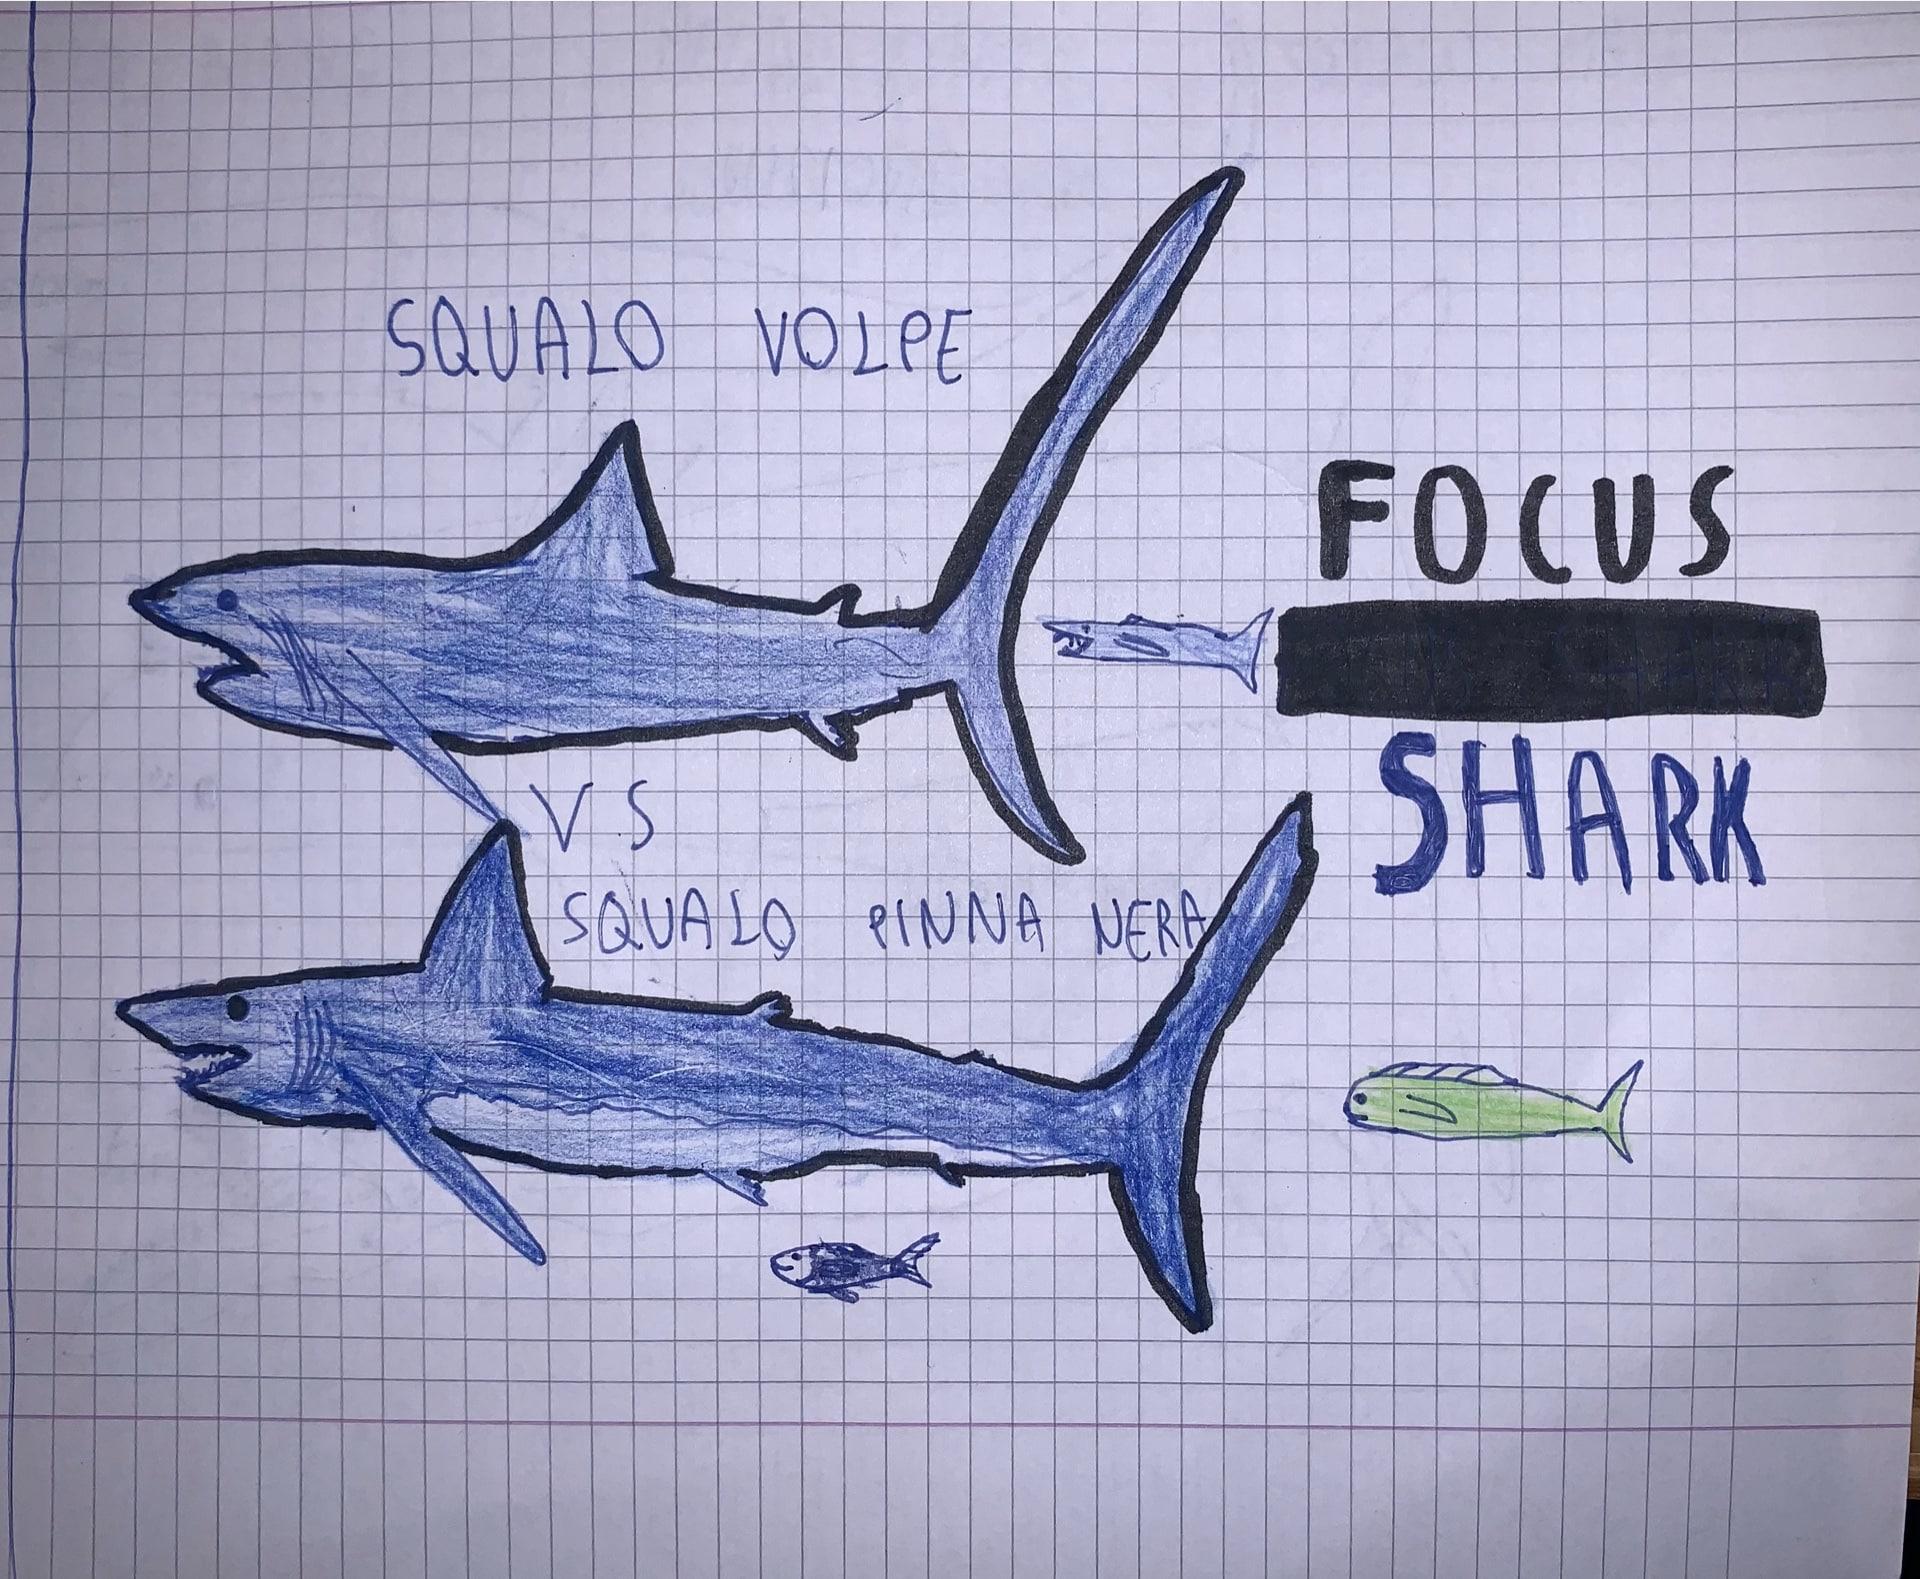 Gallery, i nostri amici animali nei disegni dei focusini 6